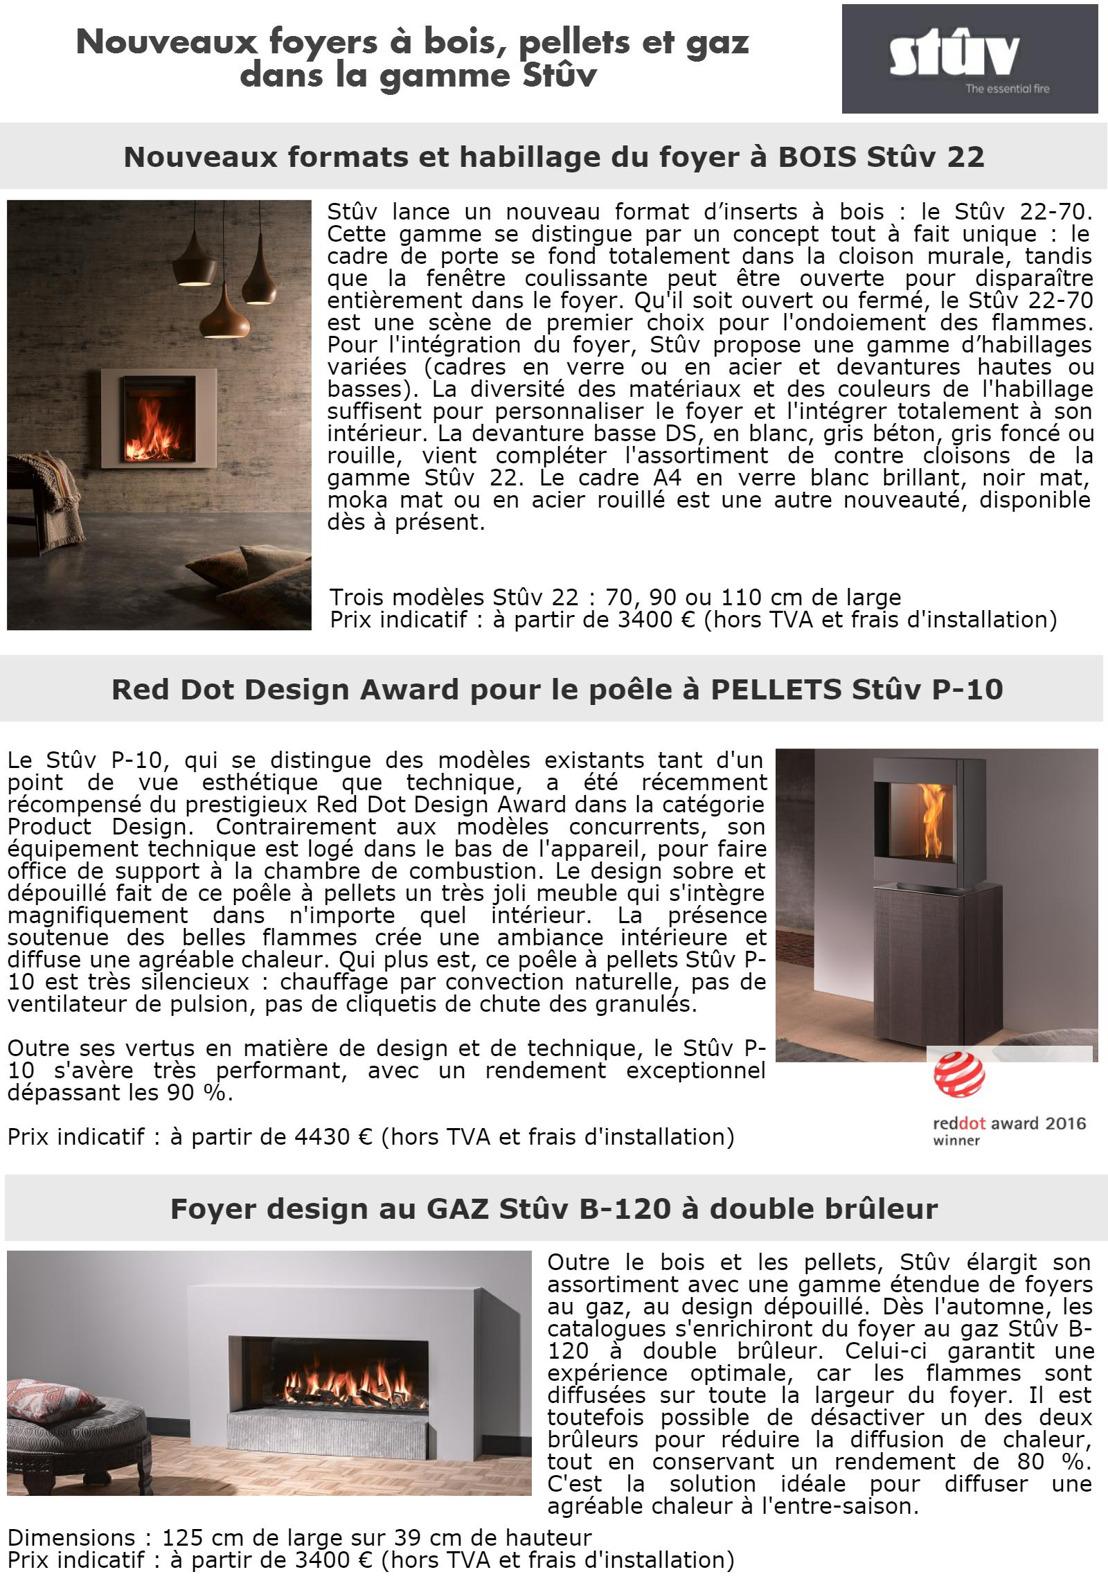 Nouveaux foyers à bois, pellets et gaz dans la gamme Stûv